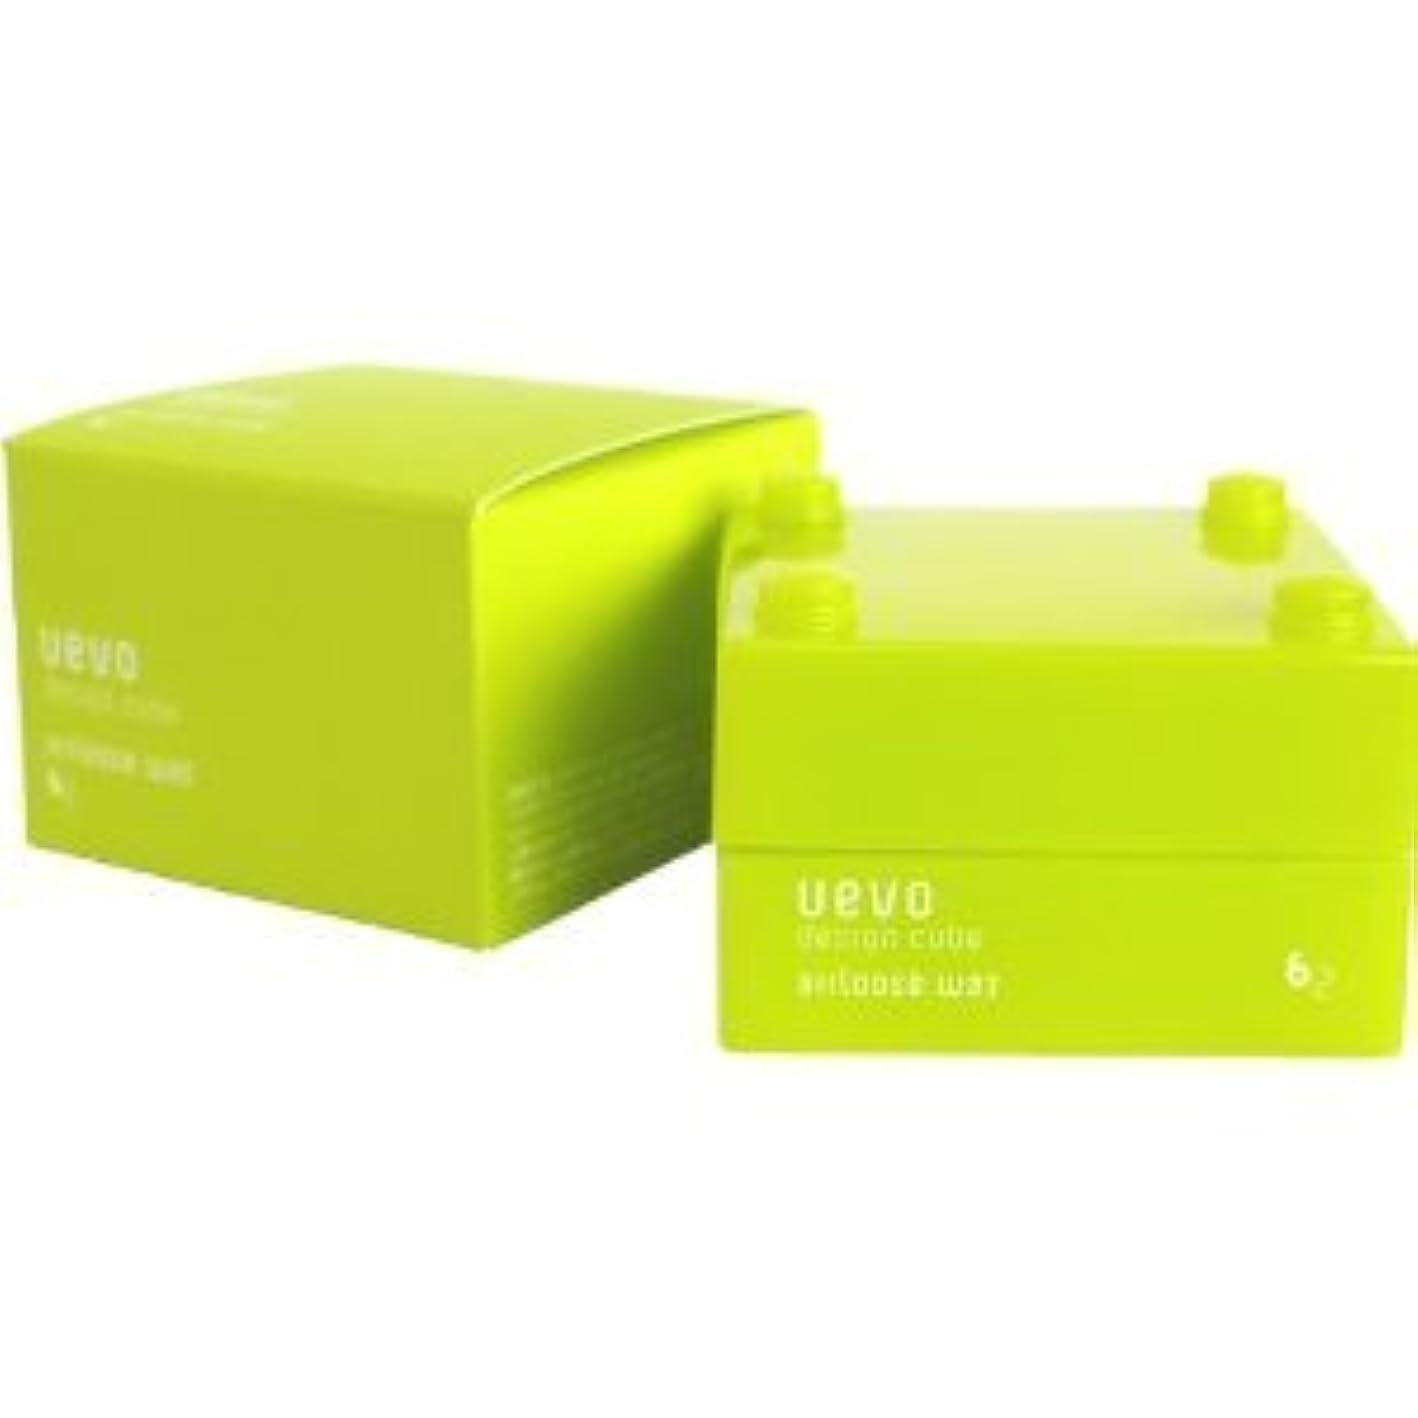 散髪一般的に韓国【X2個セット】 デミ ウェーボ デザインキューブ エアルーズワックス 30g airloose wax DEMI uevo design cube